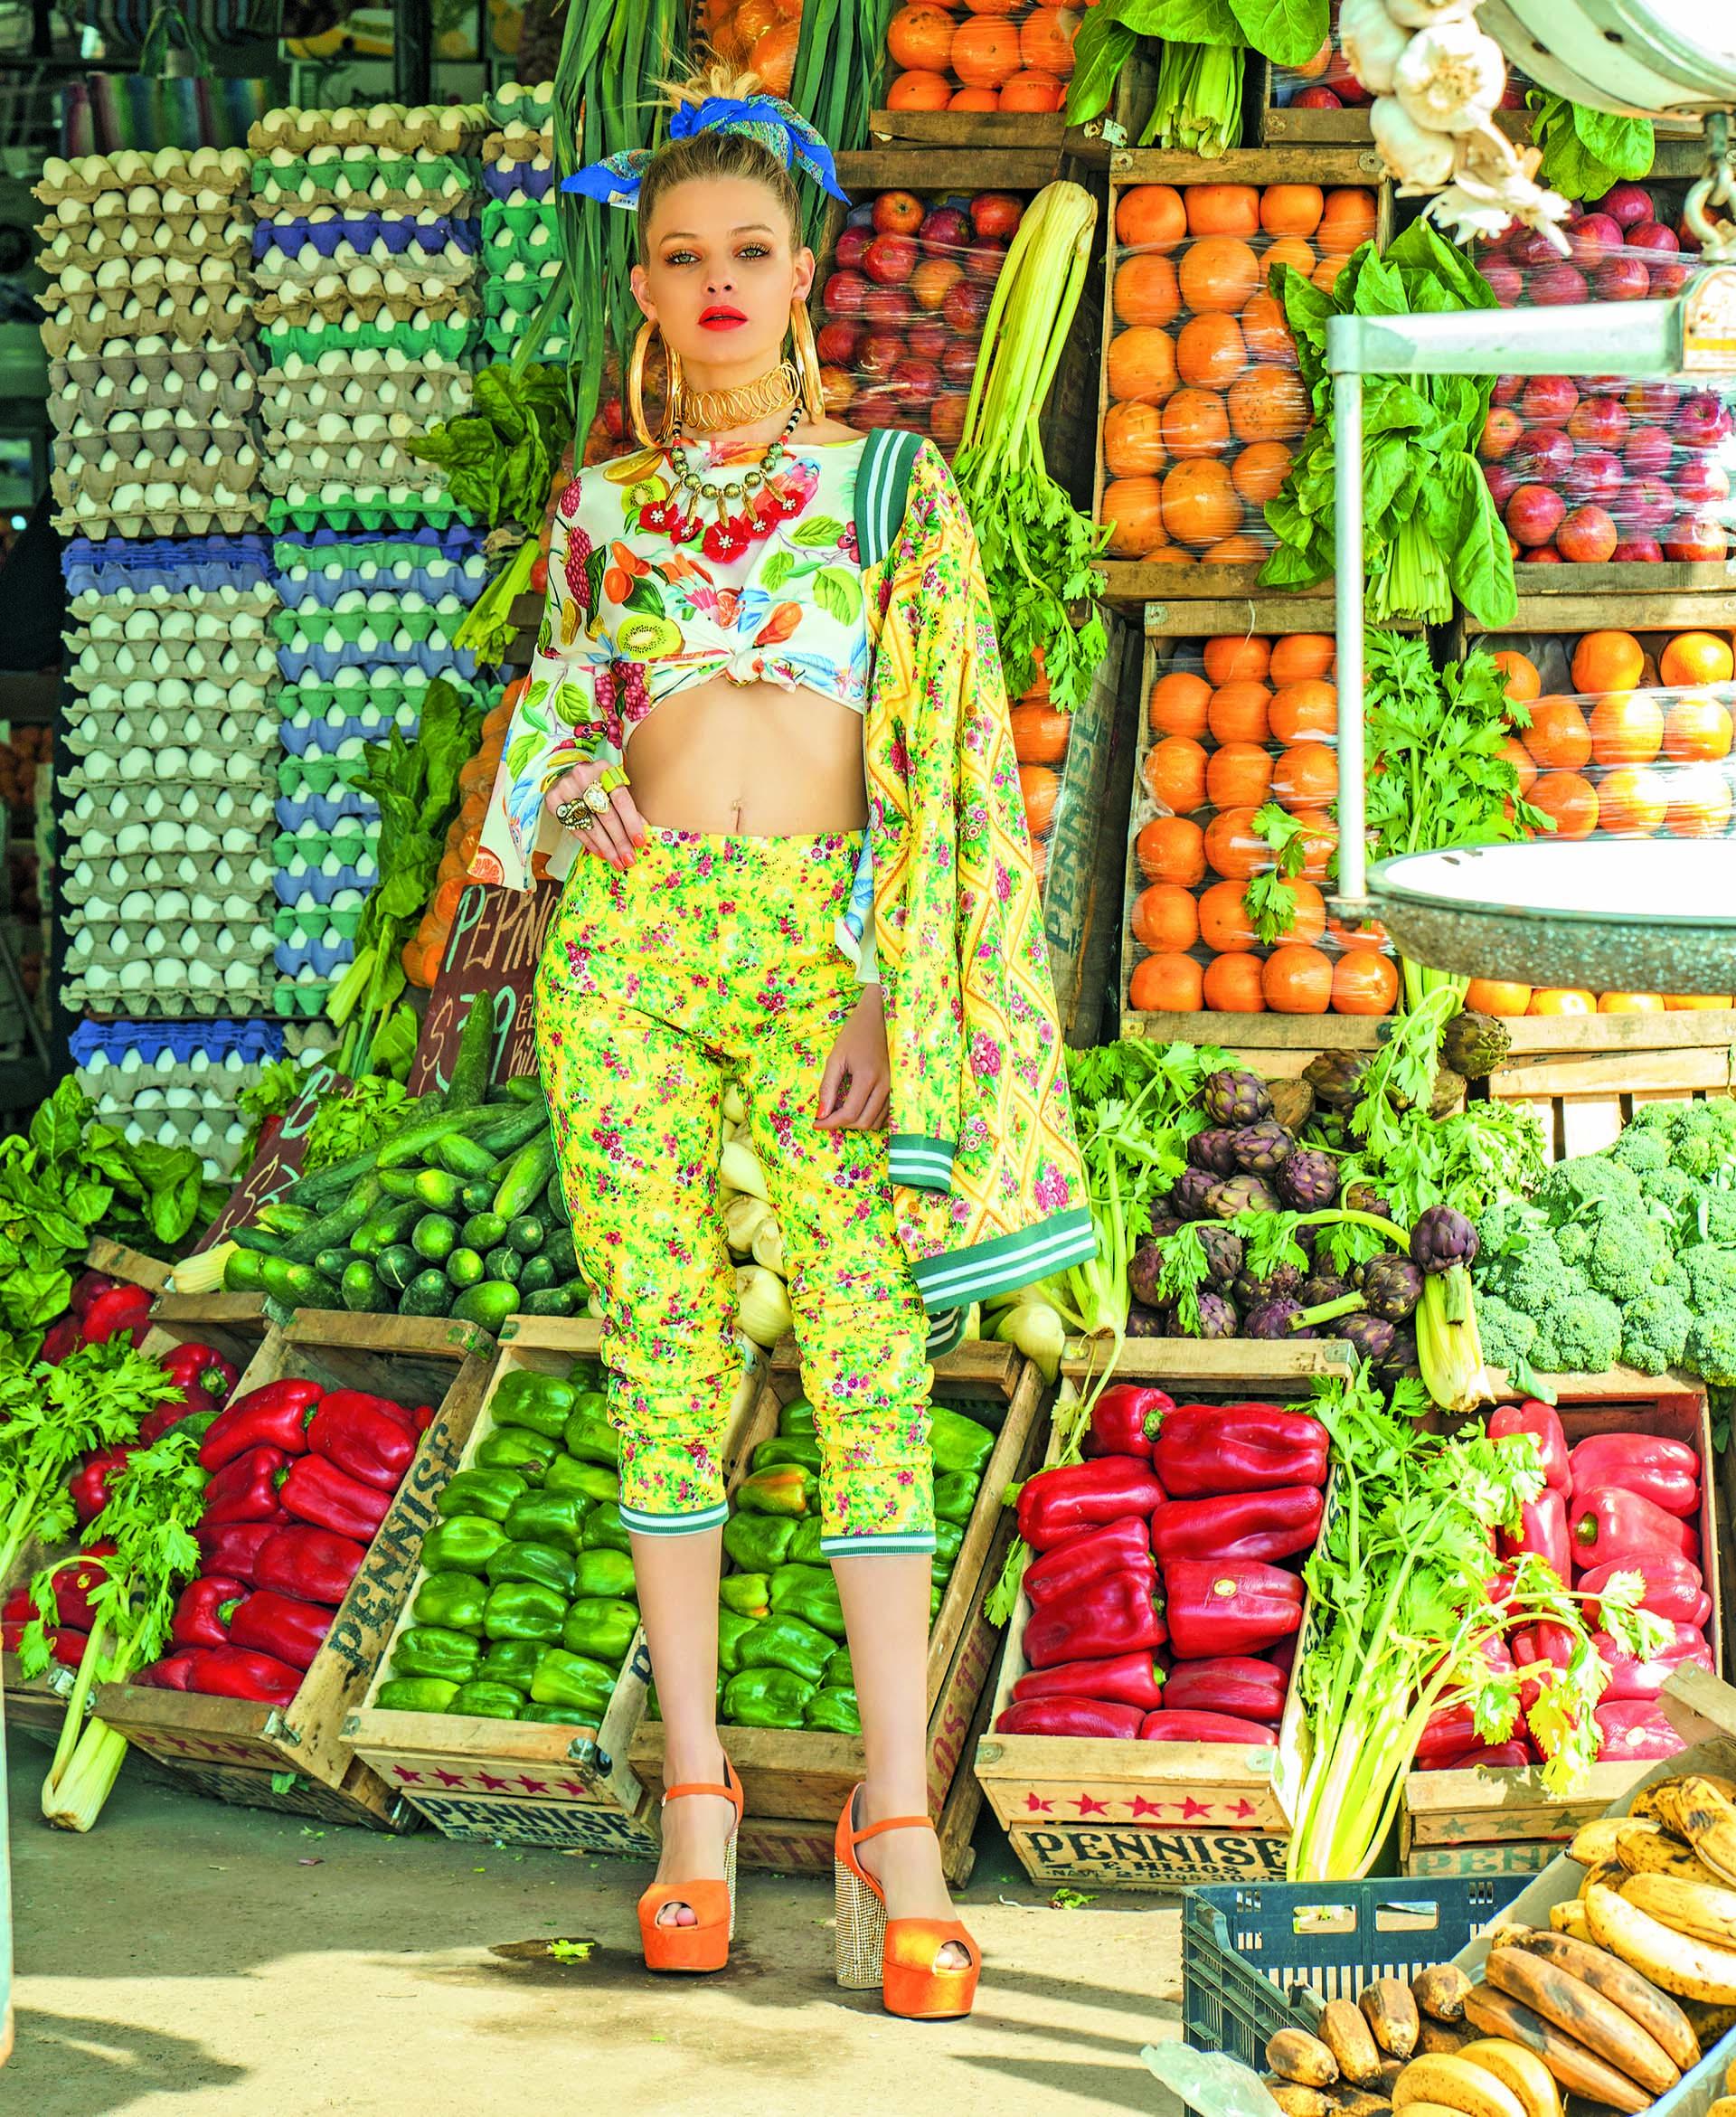 haqueta y pantalón estampado (Vevû), blusa de gasa estampada ($ 1.390, Las Pepas) y sandalias de gamuza y tacos con tachas ($ 4.990, Sofi Martiré).